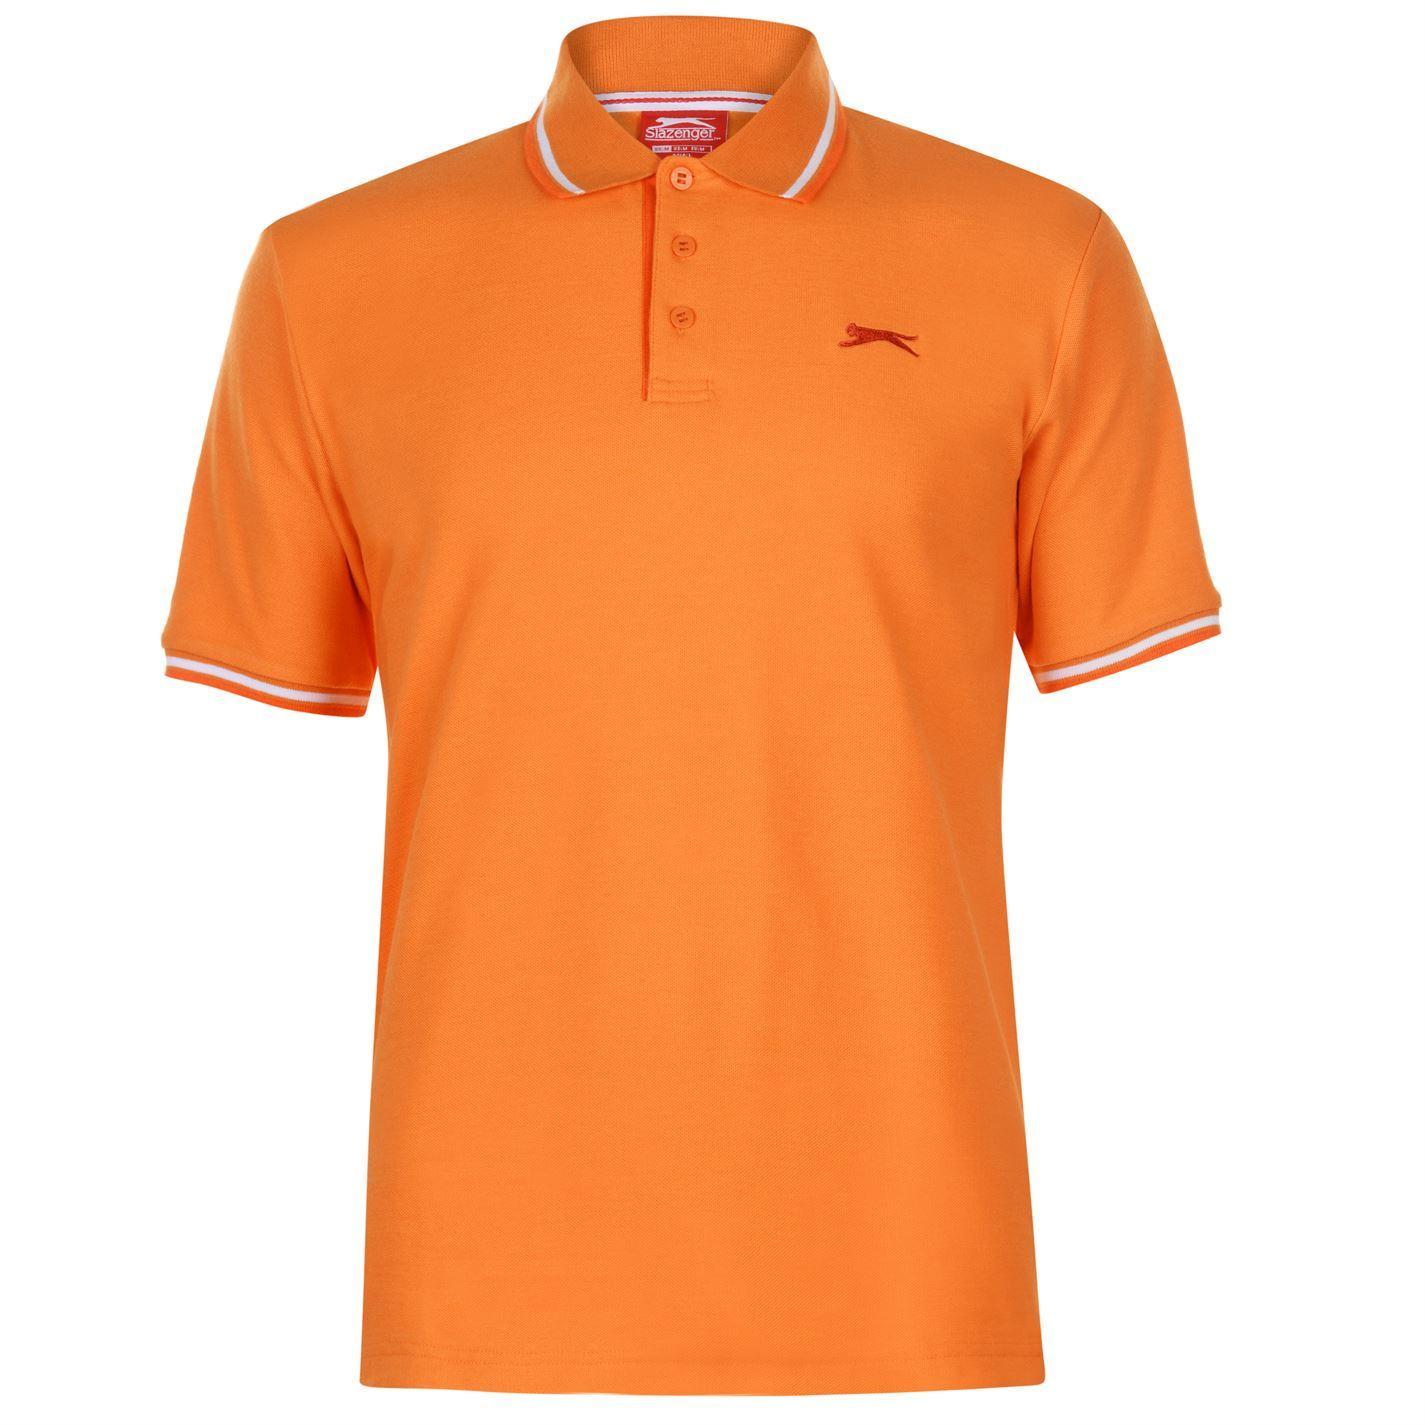 Slazenger-Polo-Camisa-de-hombre-con-cuello-con-Punta-T-Shirt-Top-Camiseta-Tee miniatura 76